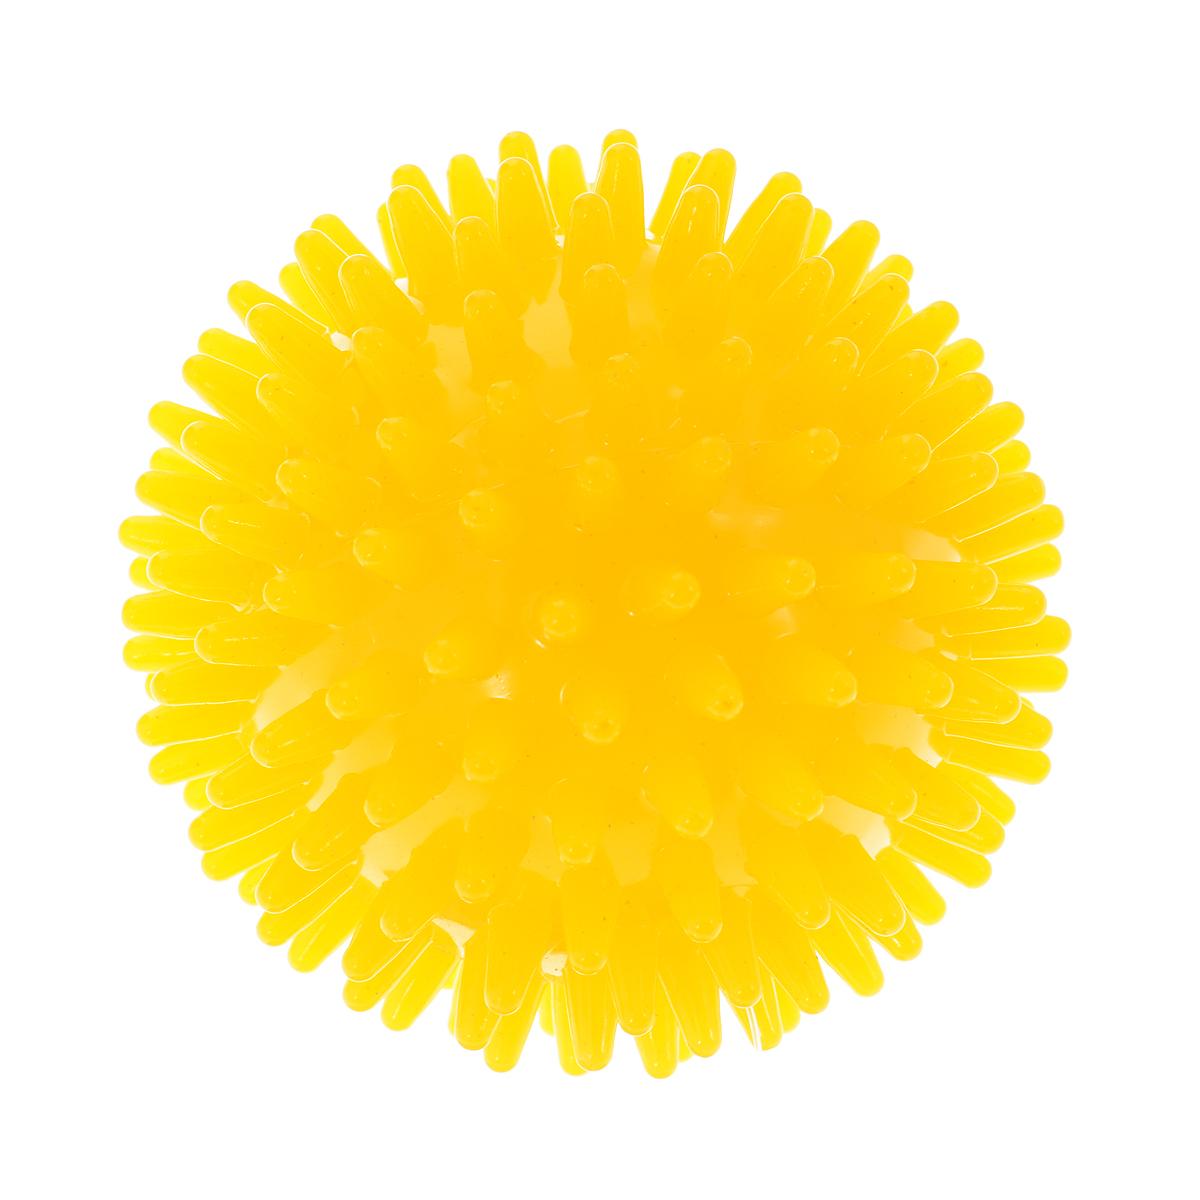 Игрушка для собак V.I.Pet Массажный мяч, цвет: желтый, диаметр 5,5 смBL11-015-55Игрушка для собак V.I.Pet Массажный мяч, изготовленная из ПВХ, предназначена для массажа и самомассажа рефлексогенных зон. Она имеет мягкие закругленные массажные шипы, эффективно массирующие и не травмирующие кожу. Игрушка не позволит скучать вашему питомцу ни дома, ни на улице. Диаметр: 5,5 см.